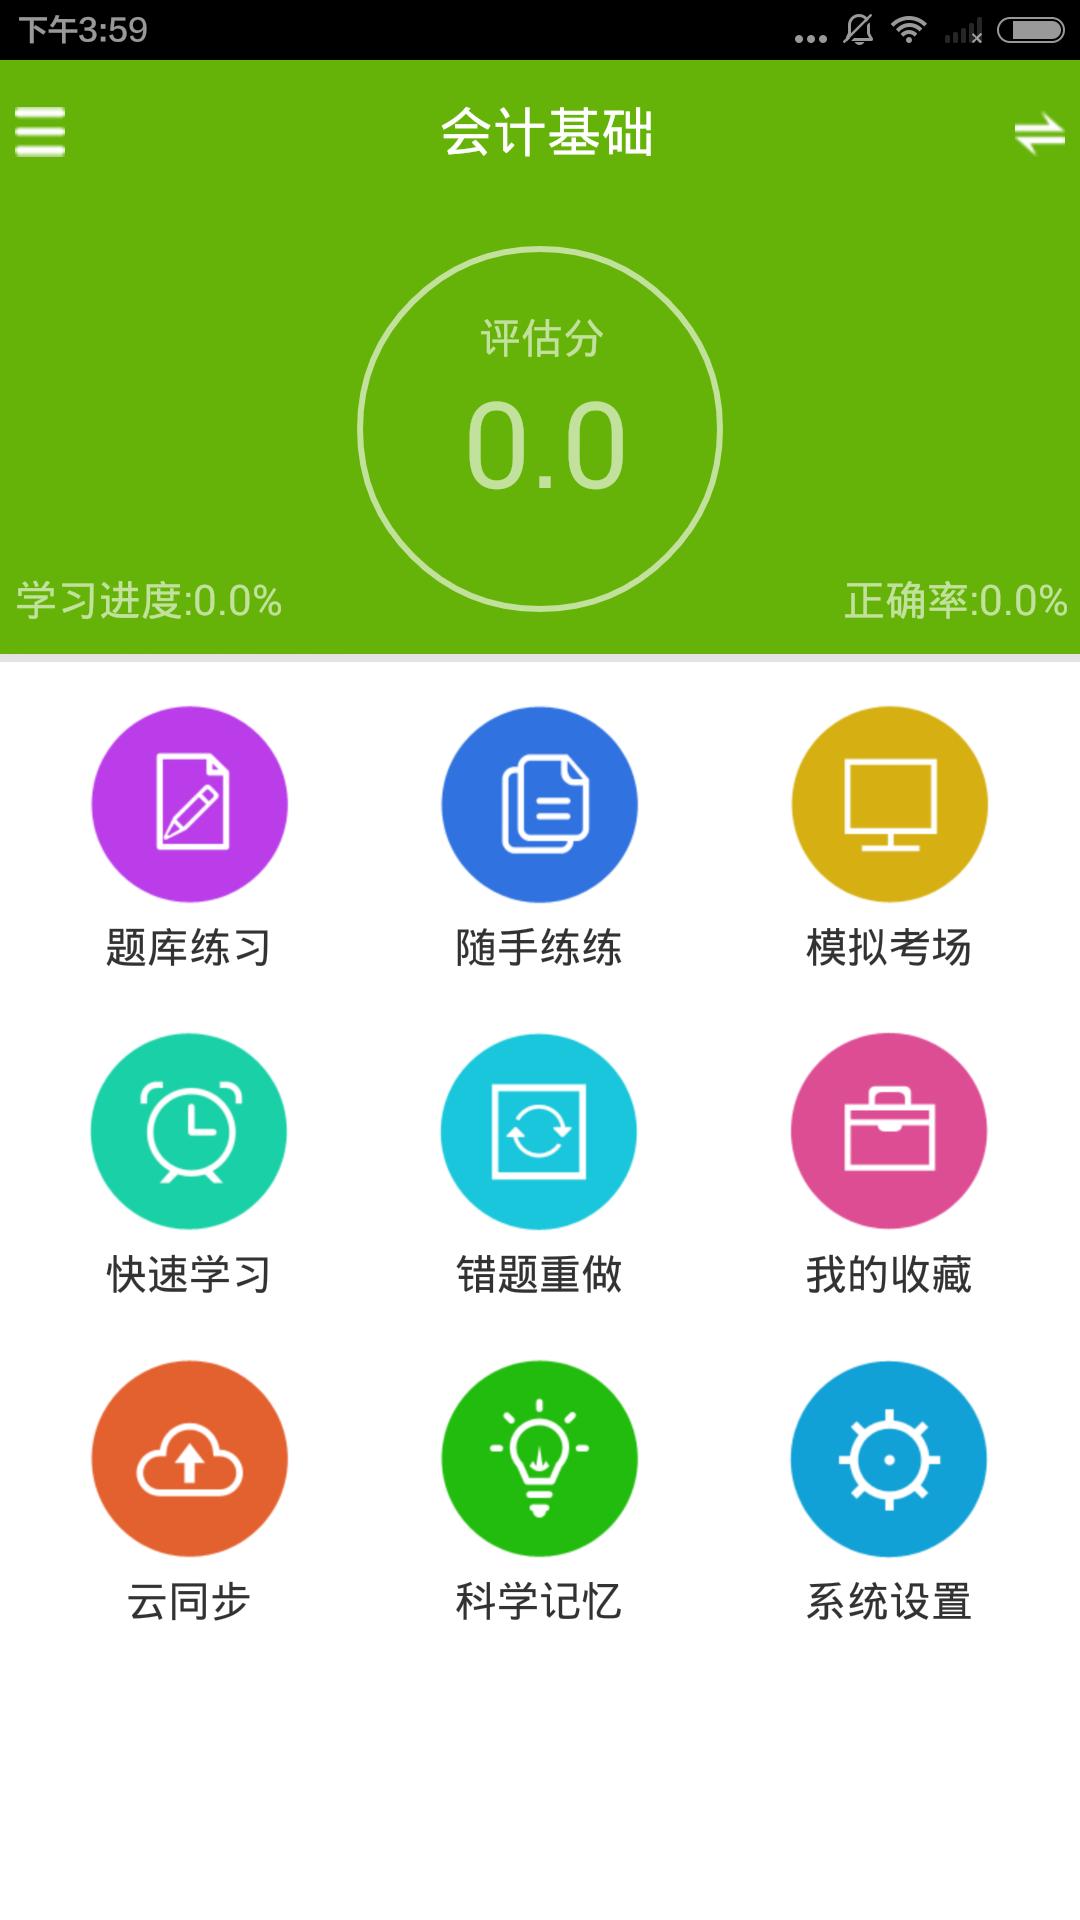 辣题库下载app认证自助领38彩金激活?辣题库软件激活教程[多图]